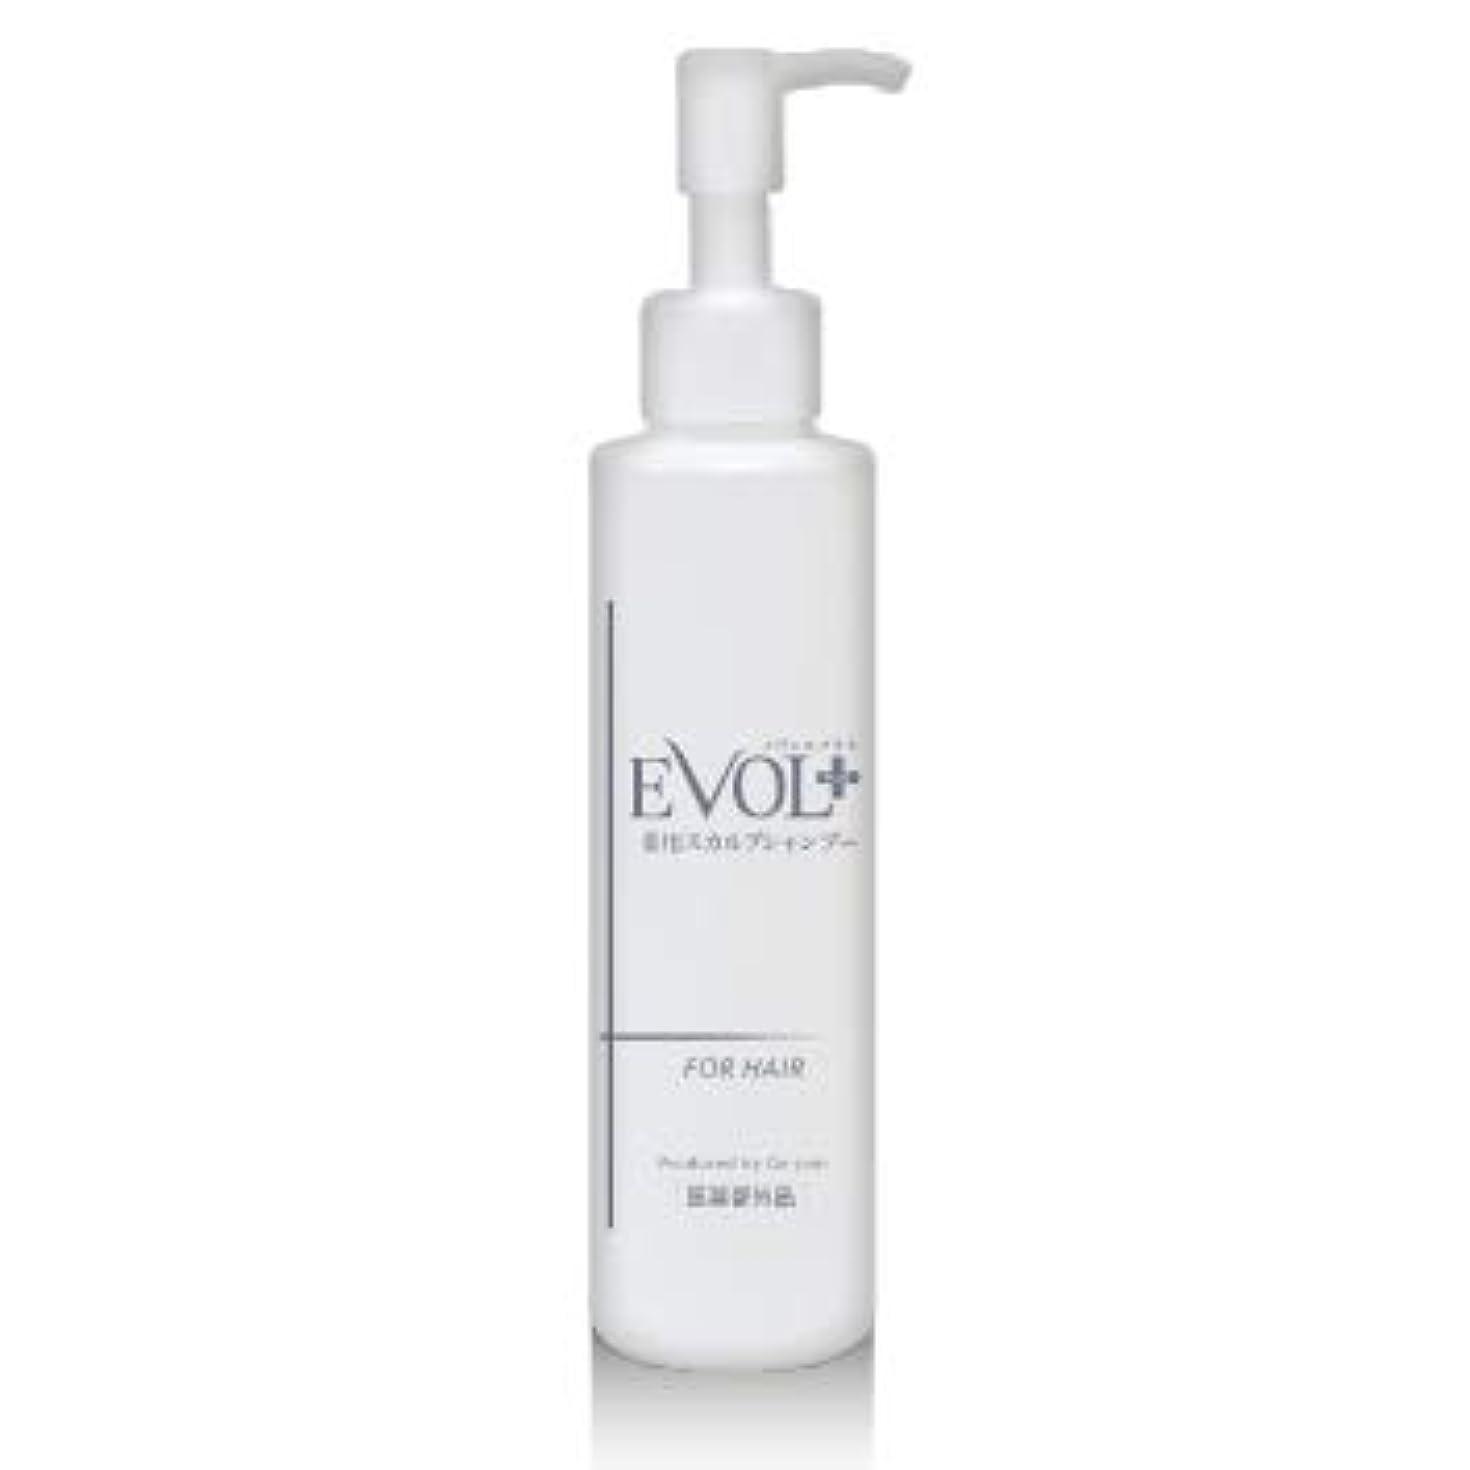 追い払う却下する航空便EVOL+(エヴォルプラス)薬用育毛シャンプー お得なコース